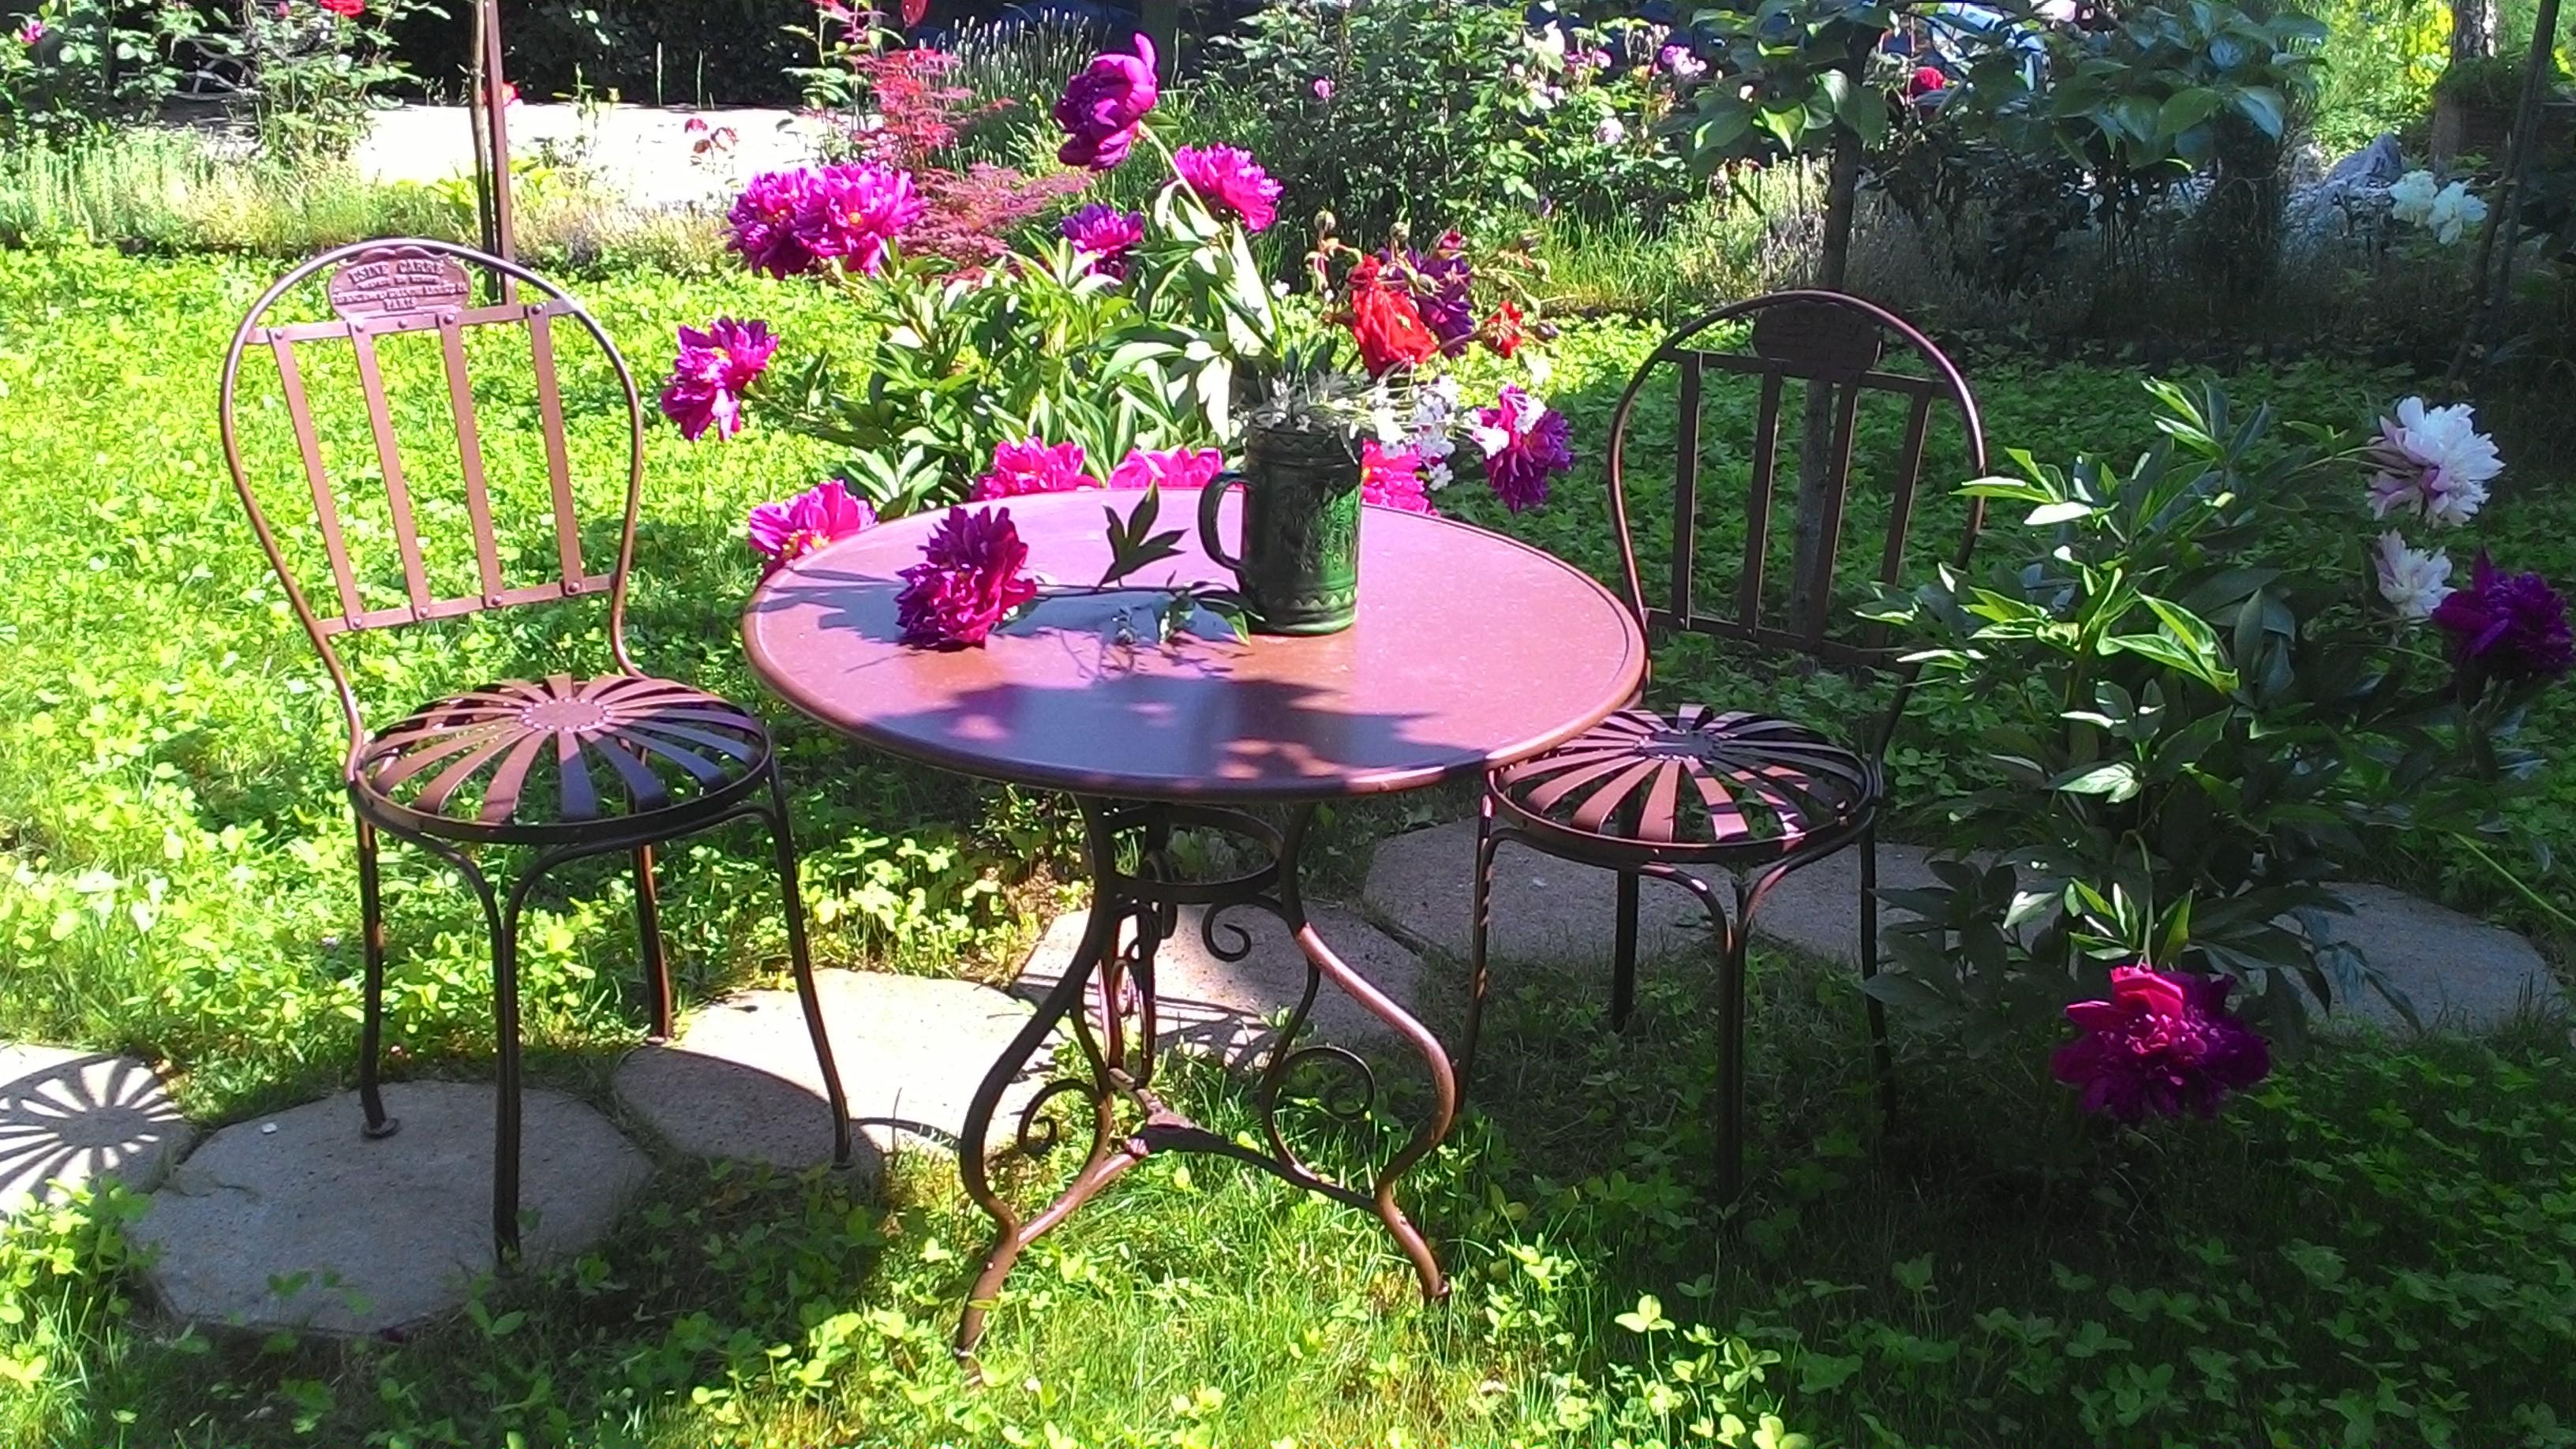 g603 table de jardin type 2 800. Black Bedroom Furniture Sets. Home Design Ideas